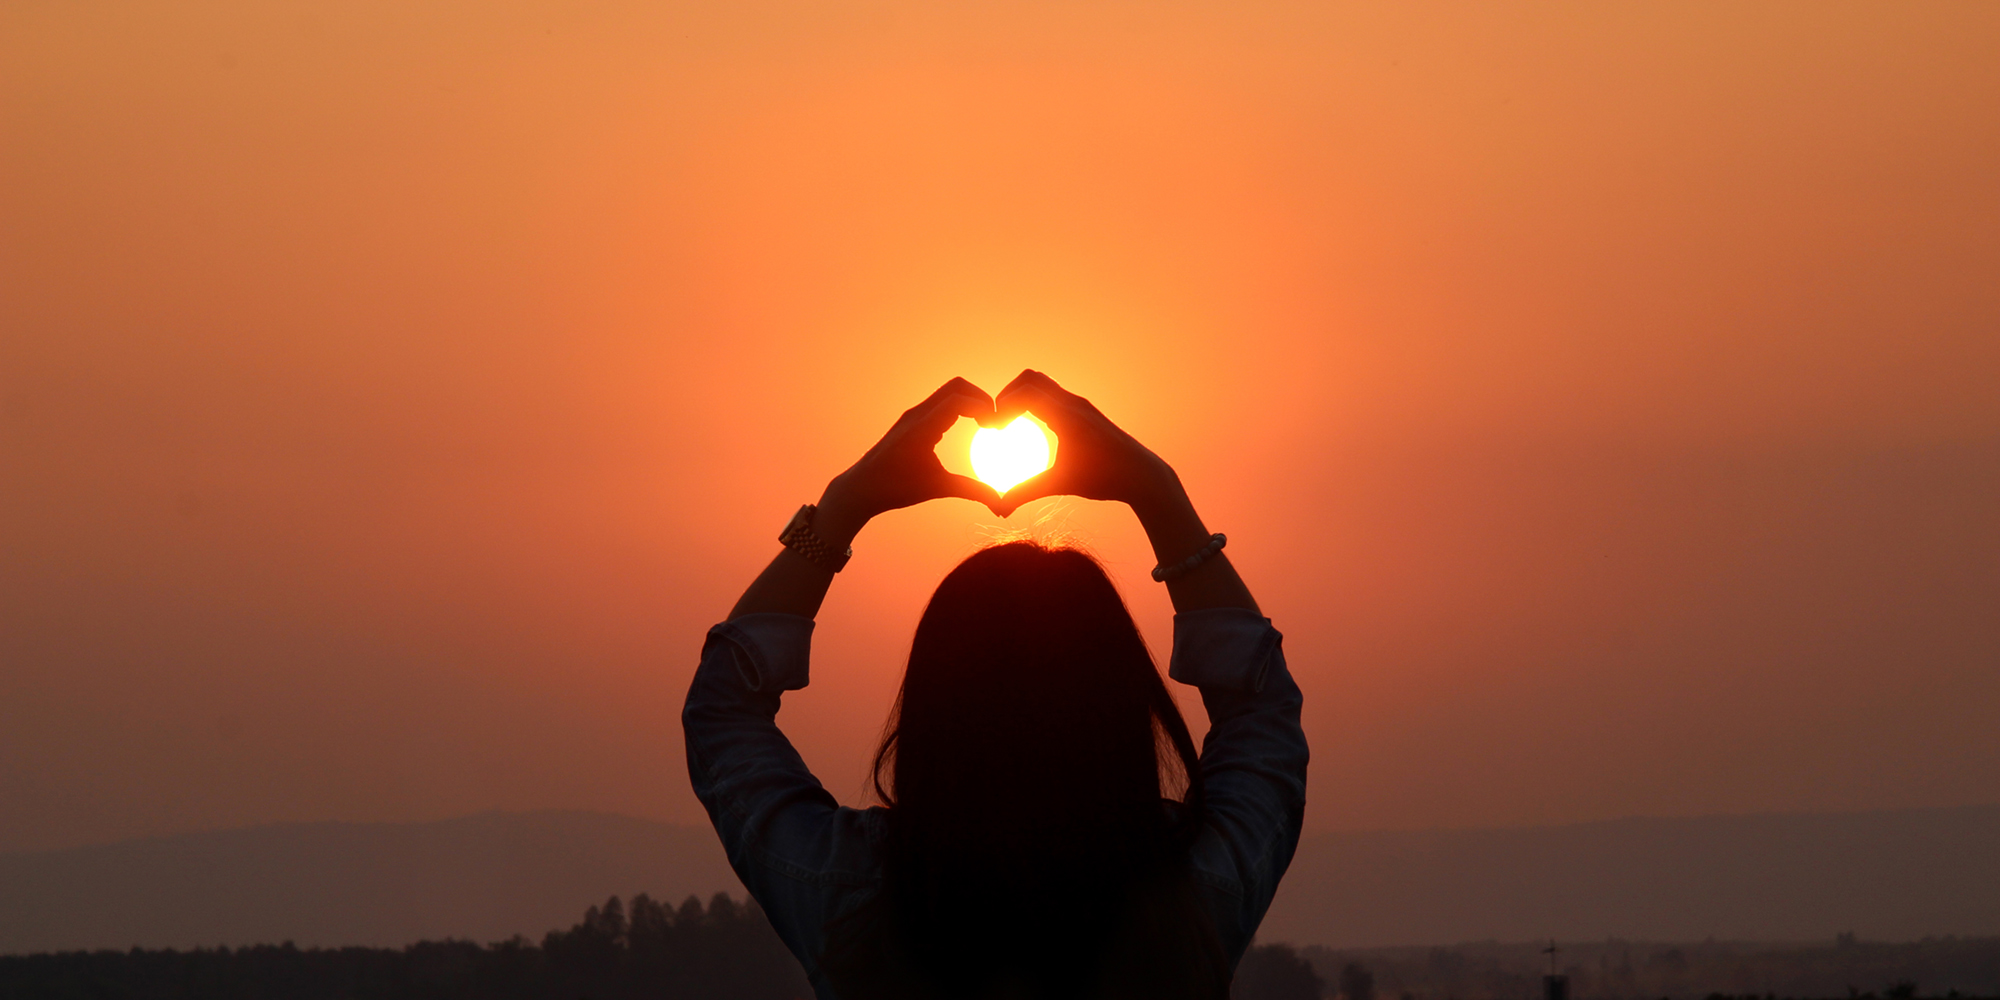 bild som visar en soluppgång med händer som bildar ett hjärta